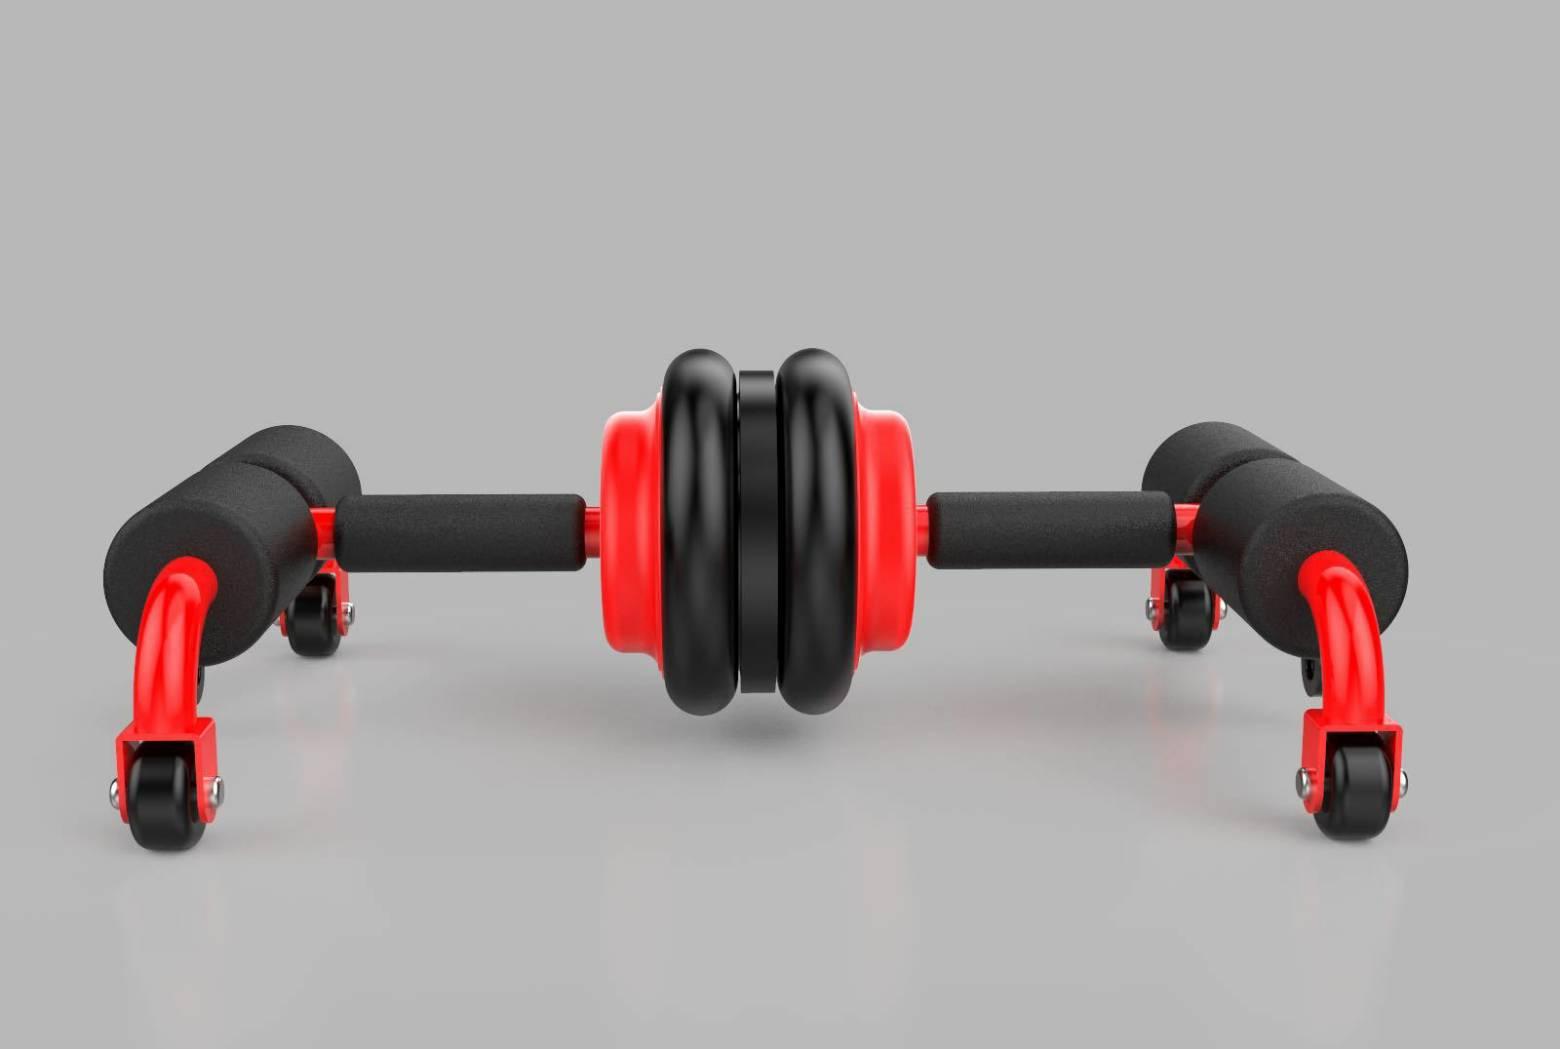 【新品】多功能運動健身器材 仰臥起坐輔助器 健腹輪 健腹器 俯臥撐 仰臥起坐 吸盤 滾輪